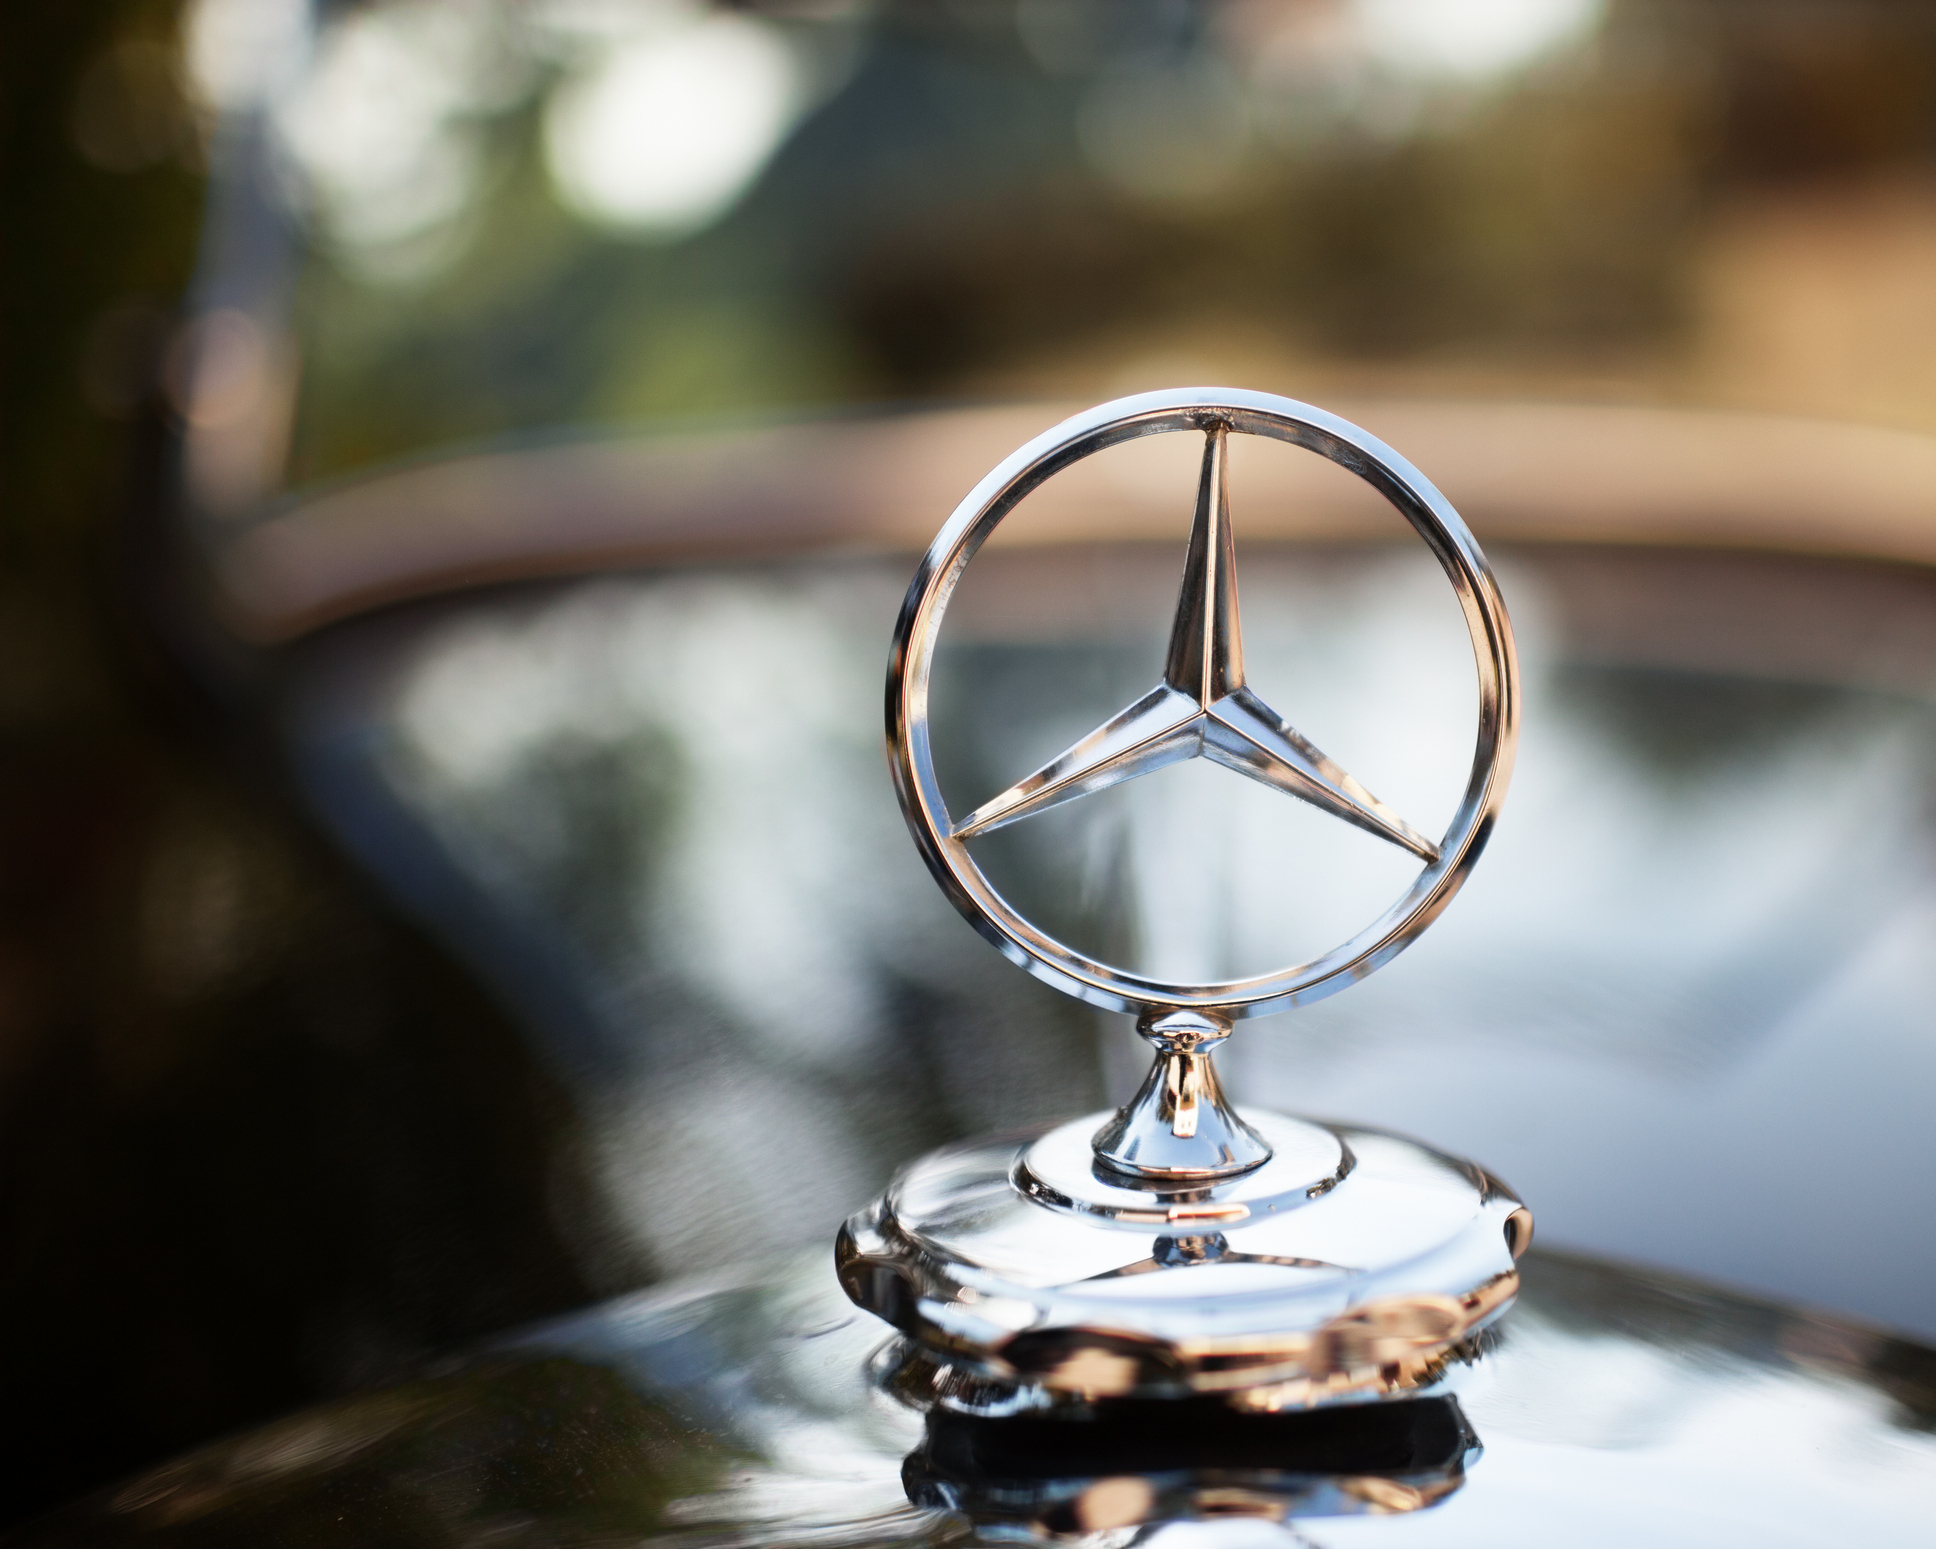 Une emblème bien connue en Allemagne, Mercedes